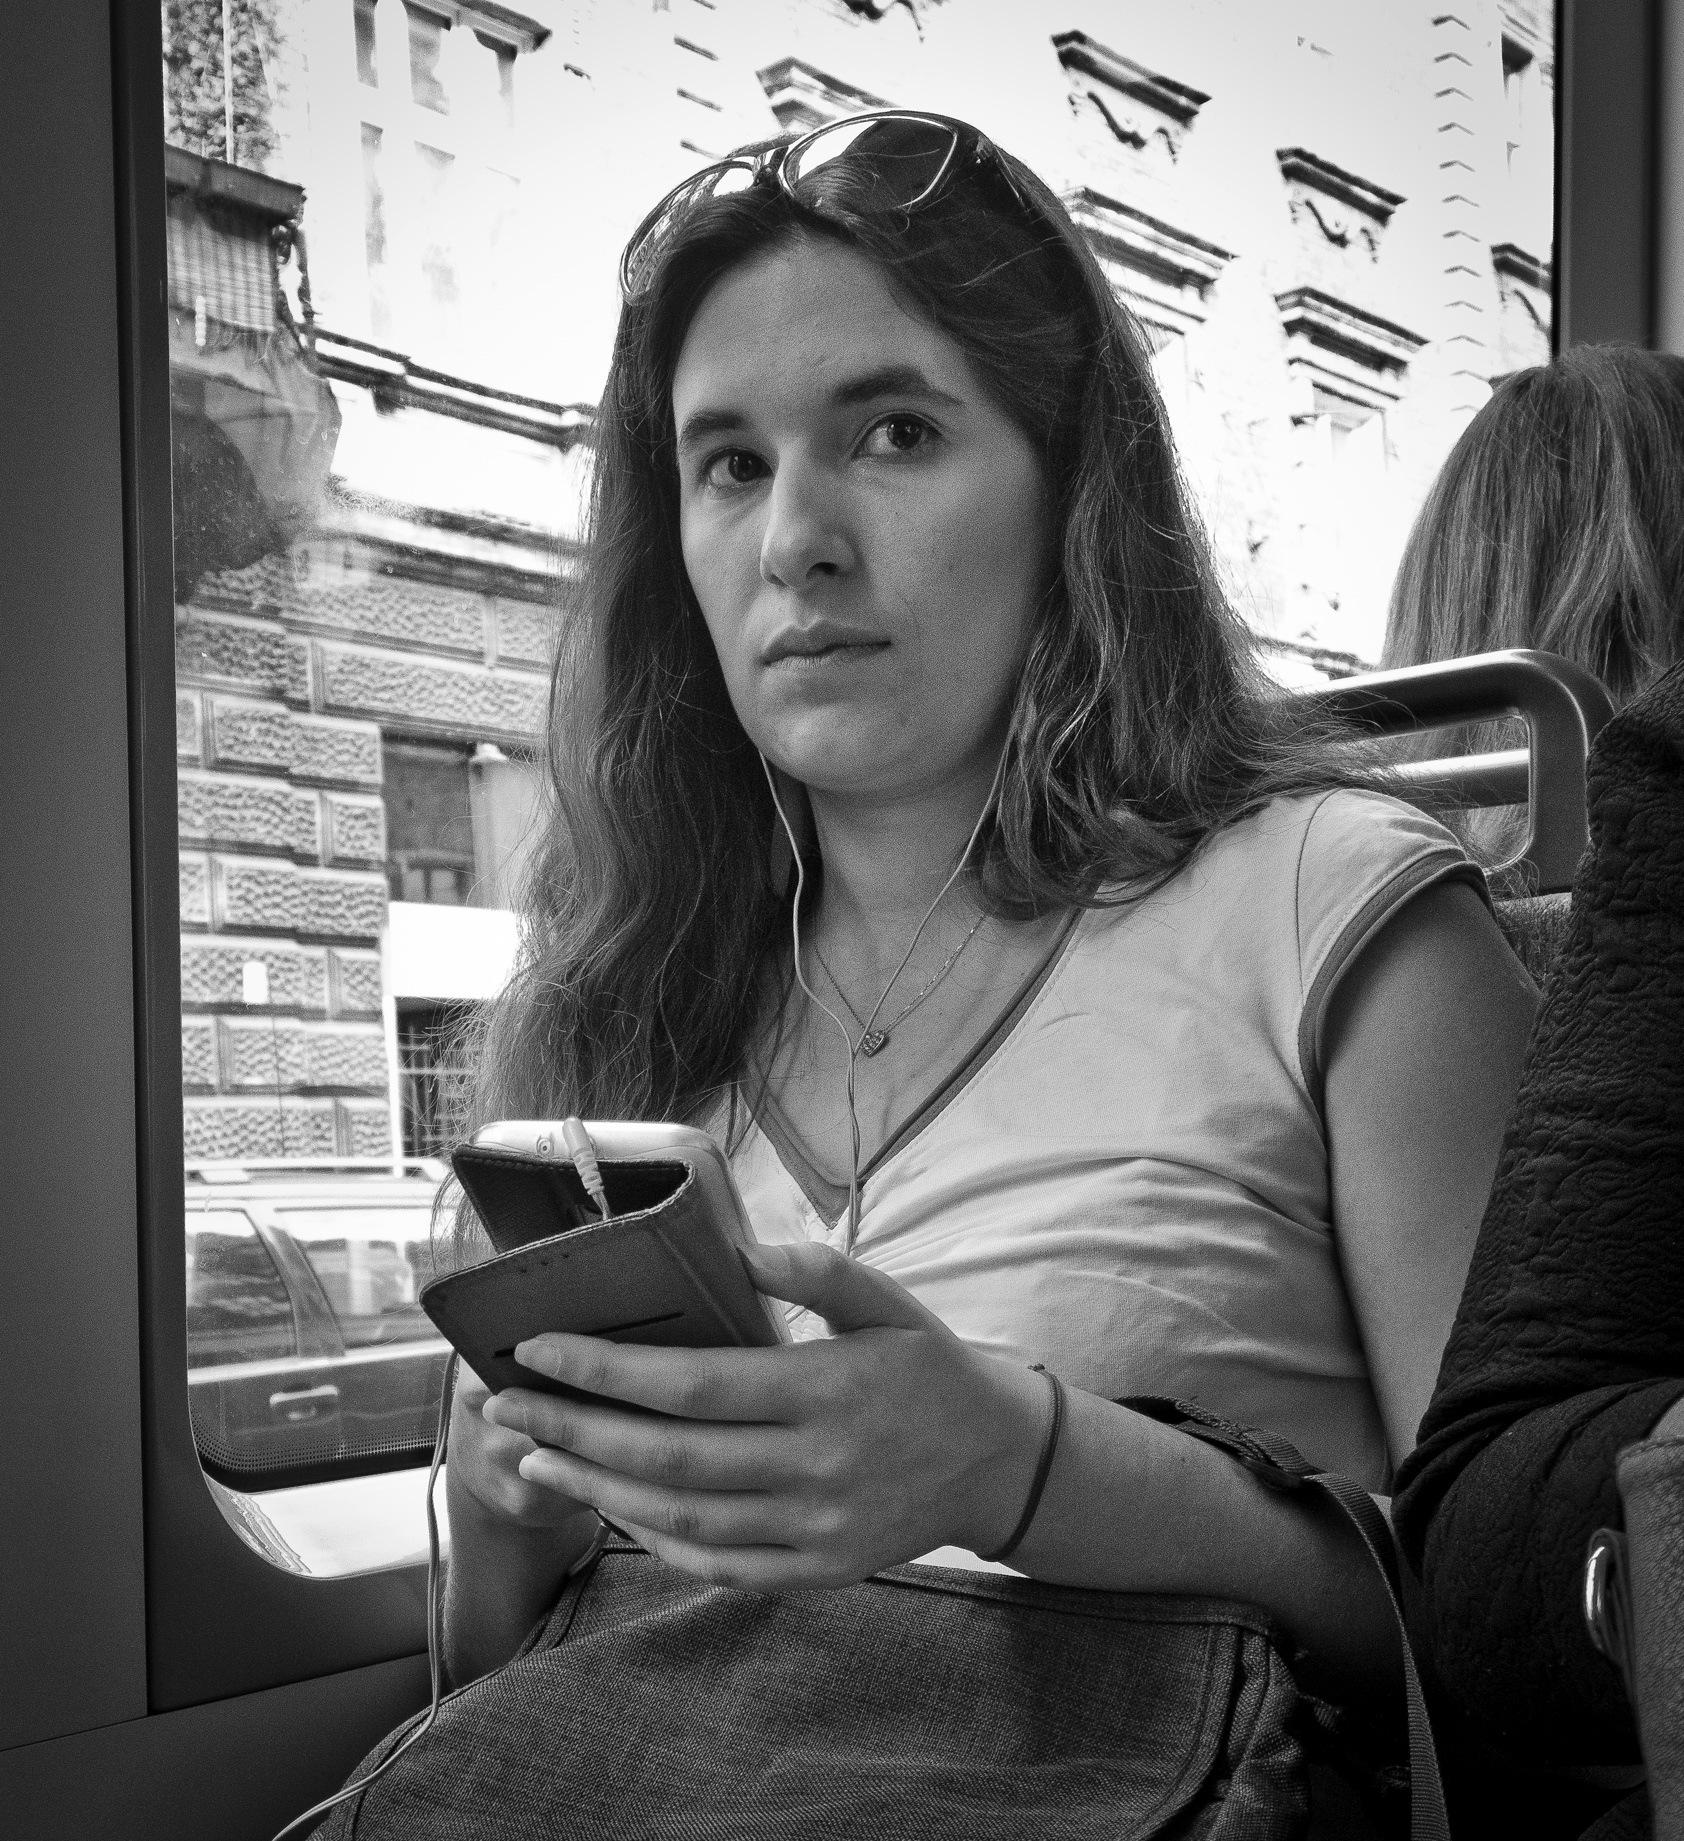 Portrait of a woman by Marcin Nagraba